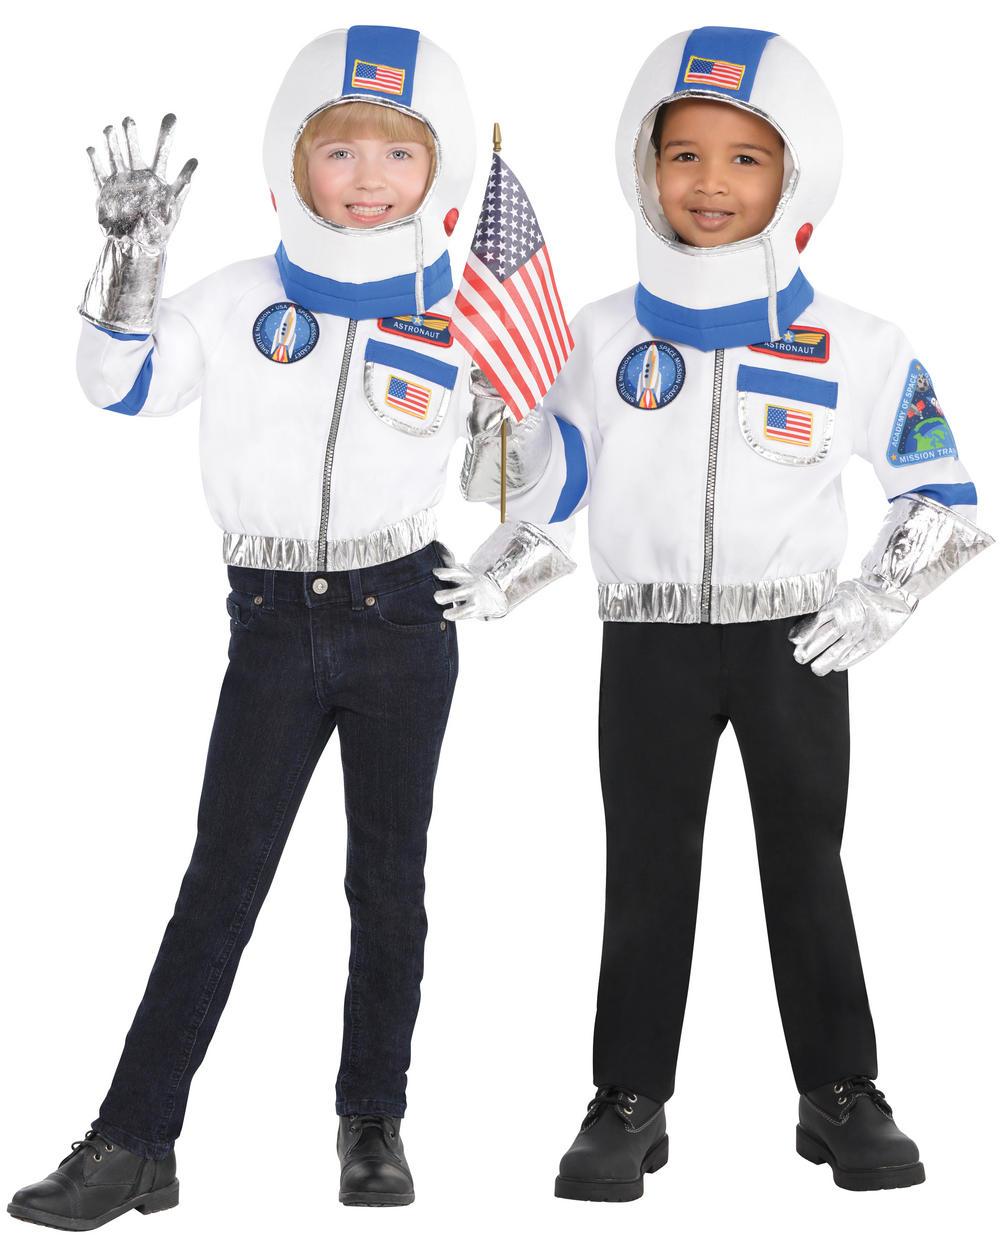 Astronaut Kids Costume Kit